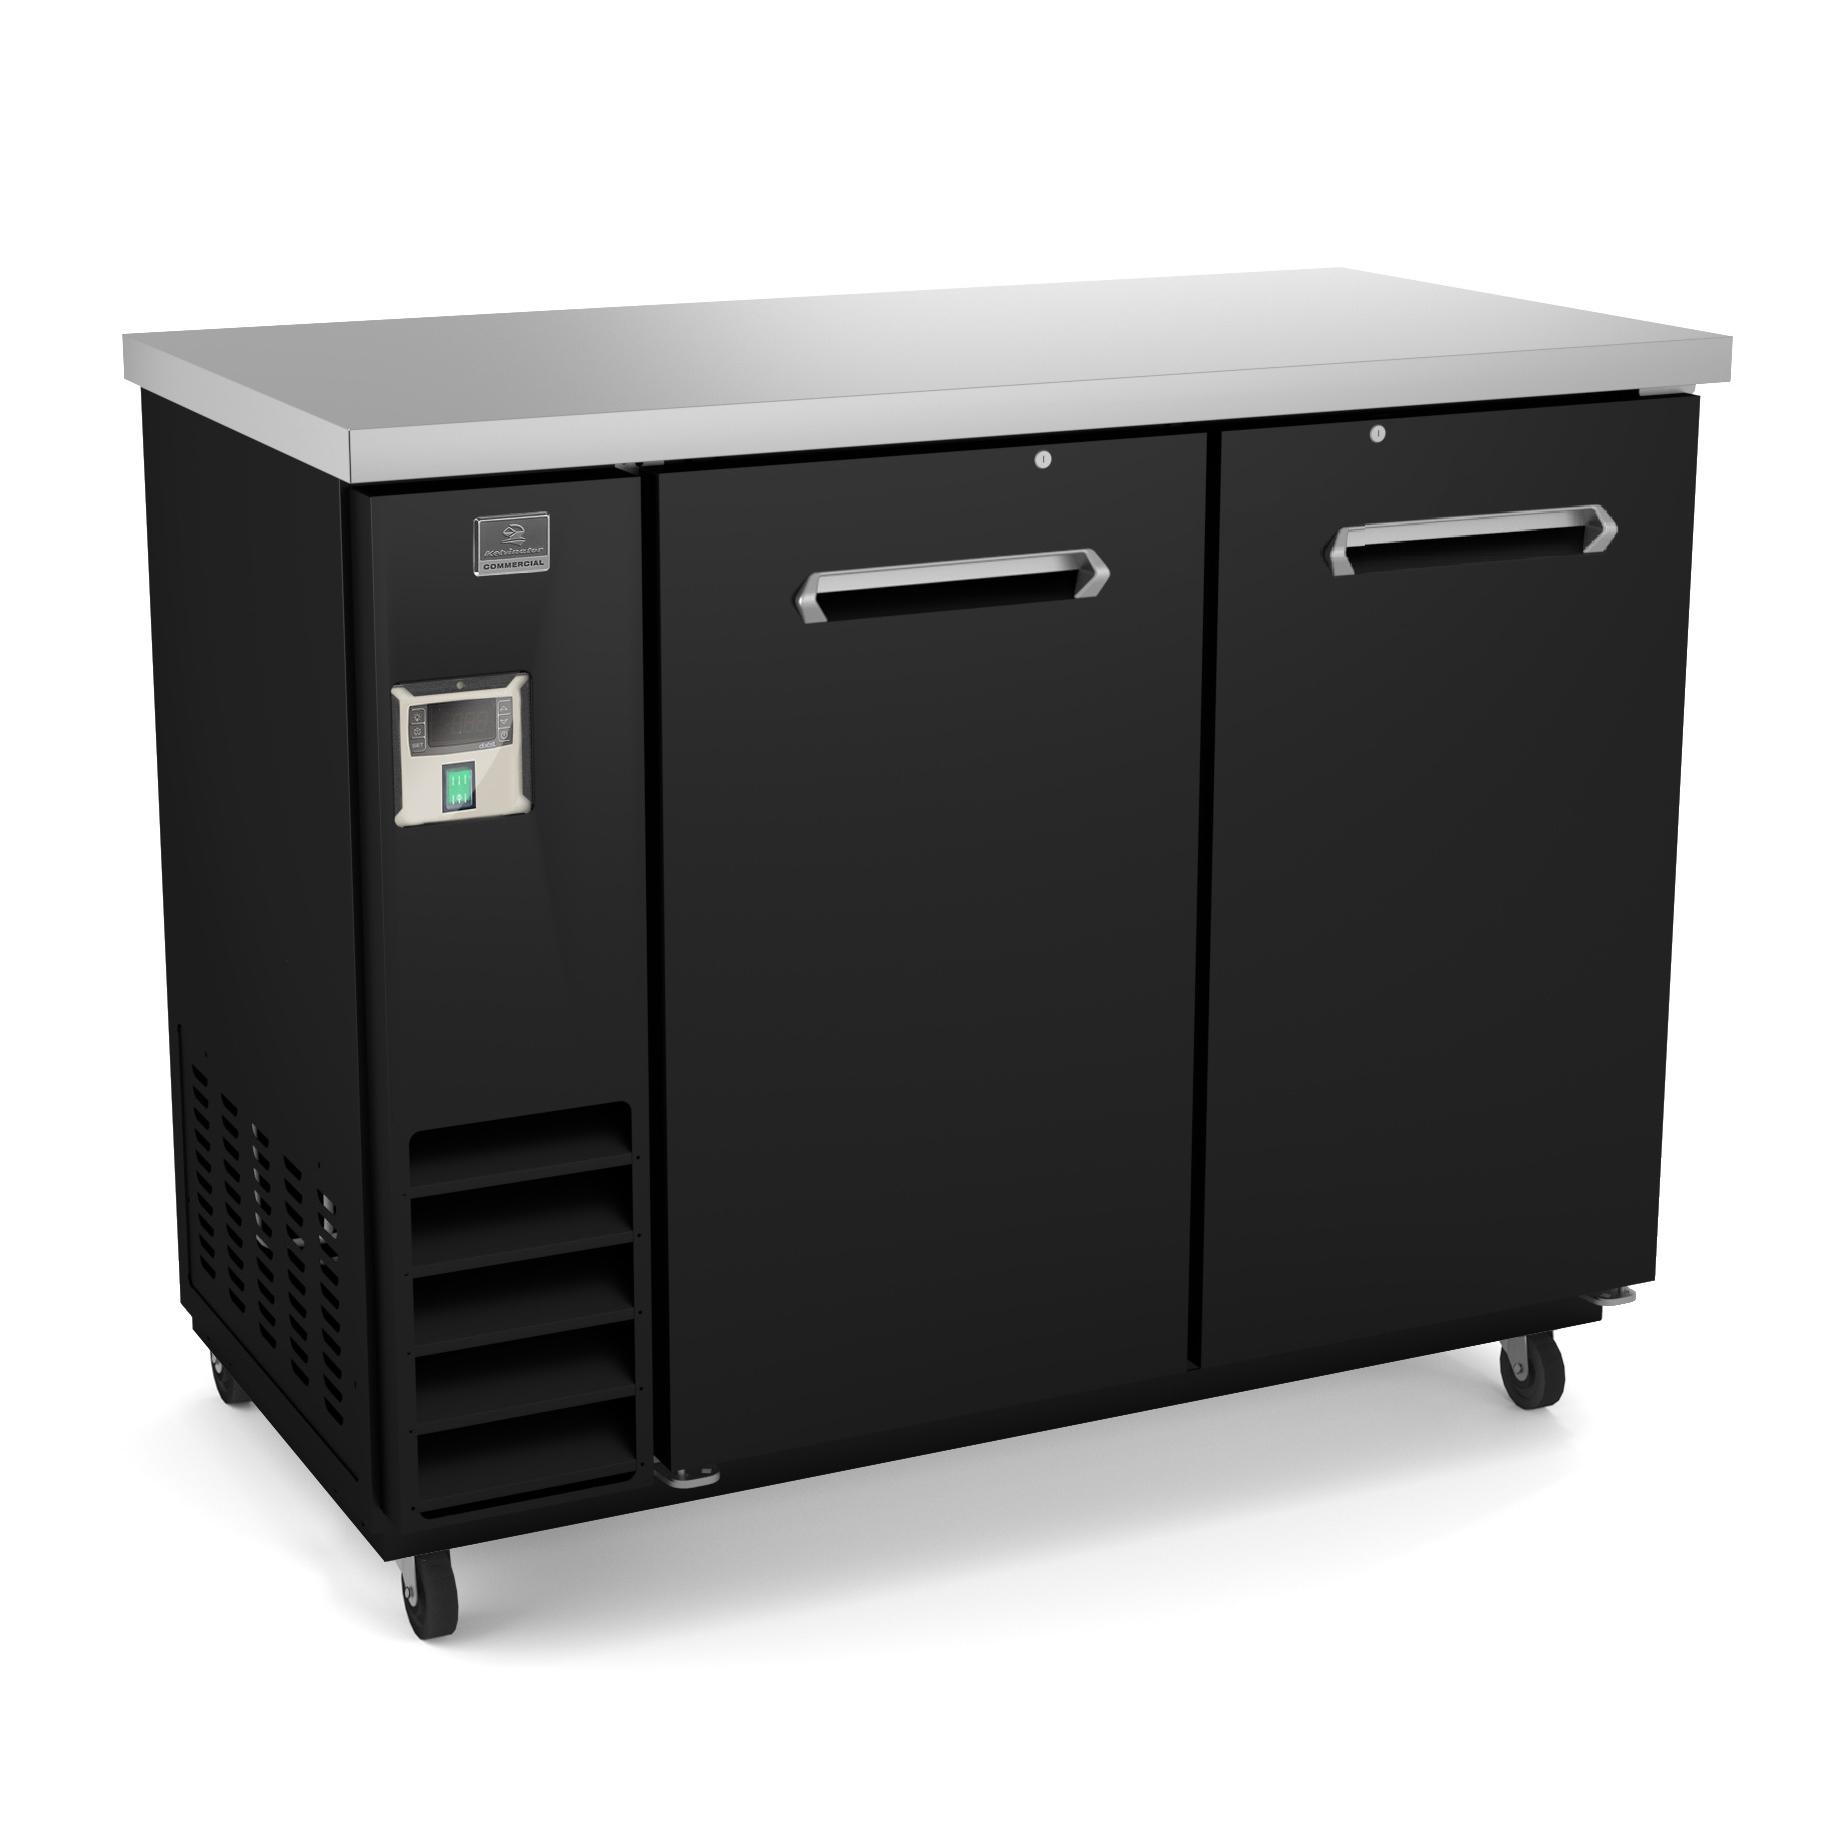 Kelvinator Commercial KCHBB48S back bar cabinet, refrigerated